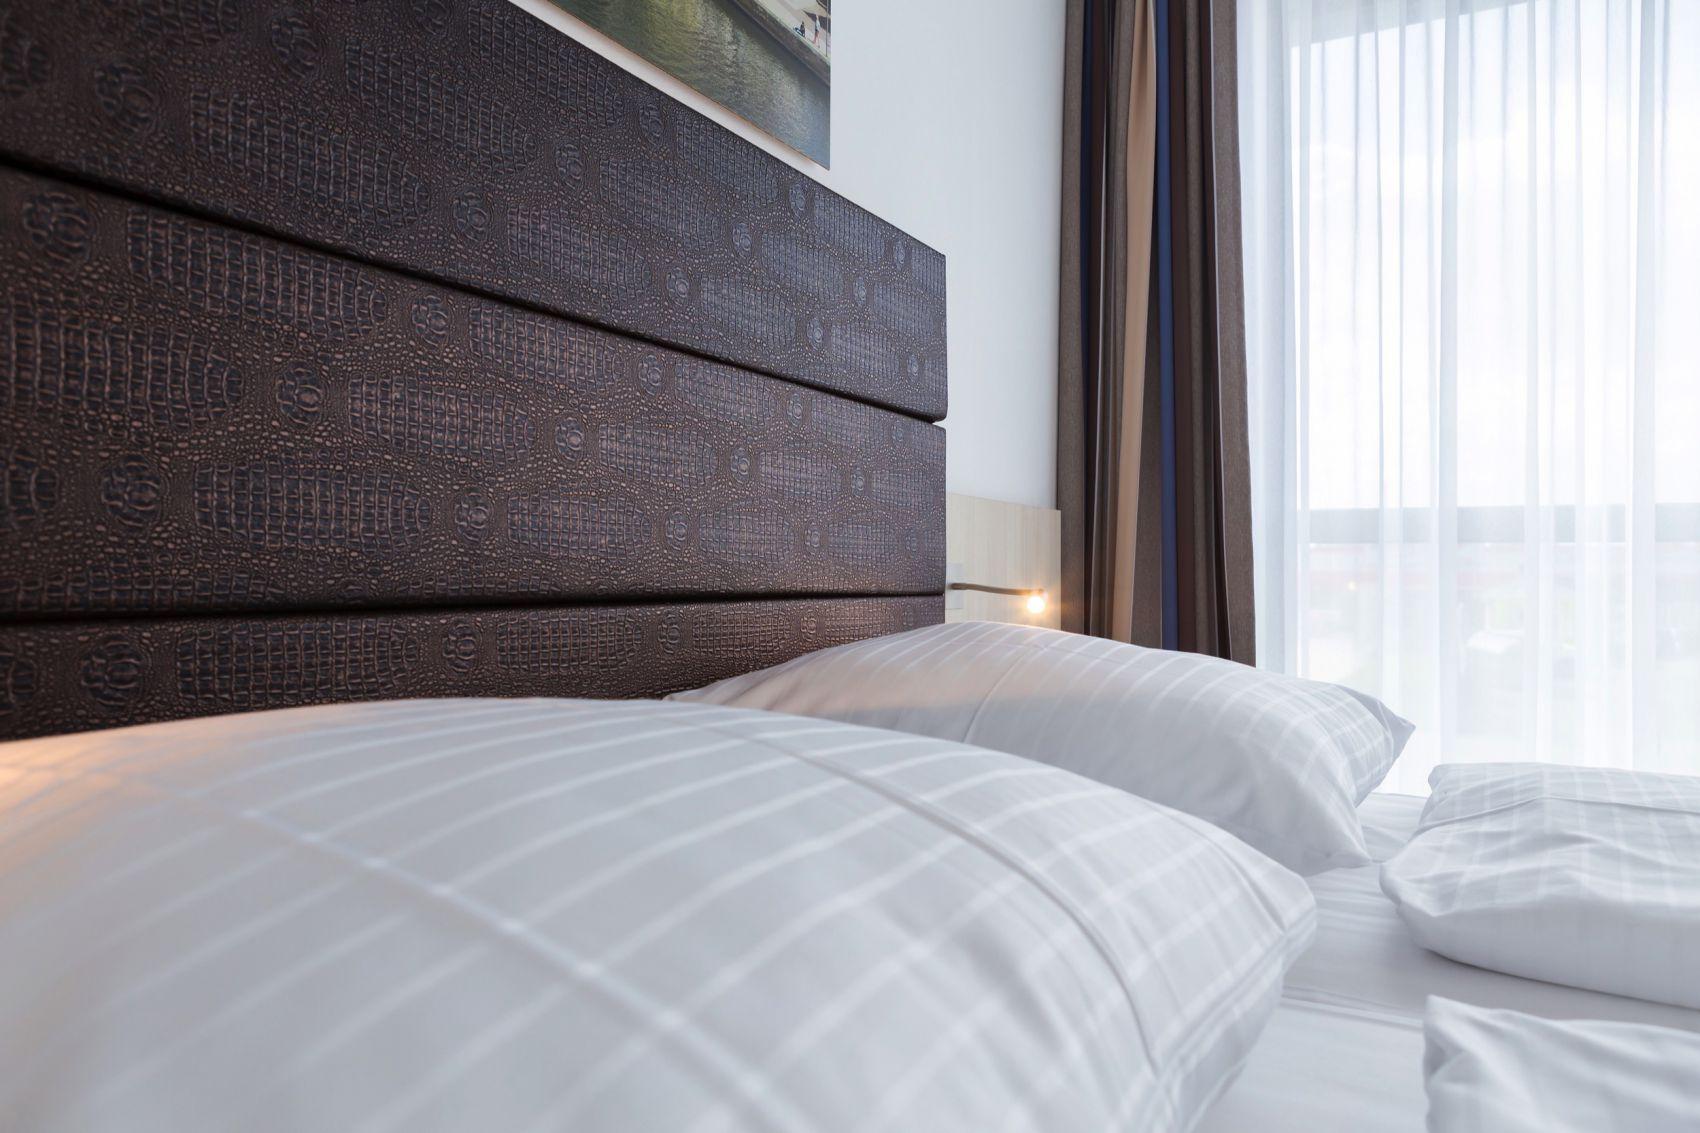 g nstige hotelzimmer in l beck viva hotel l beck. Black Bedroom Furniture Sets. Home Design Ideas